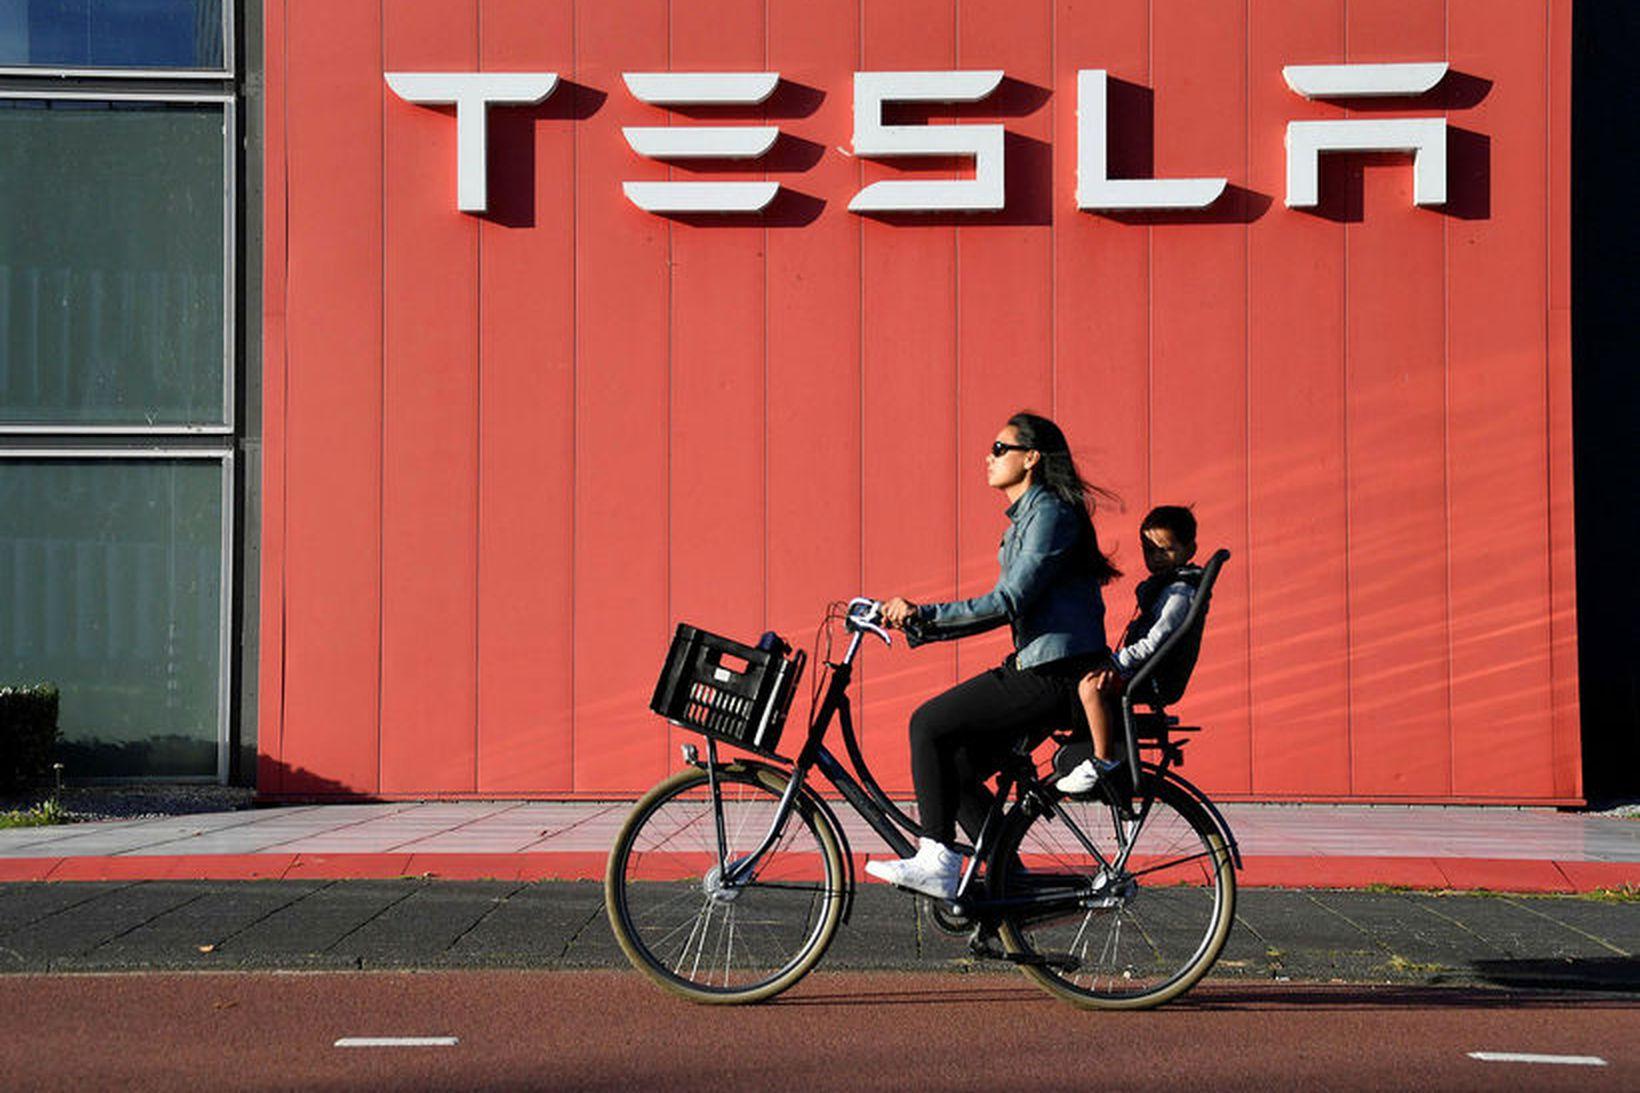 Tesla hefur ákveðið að kaupa rafhlöðuframleiðandann Maxwell. Mynd frá útibúi …